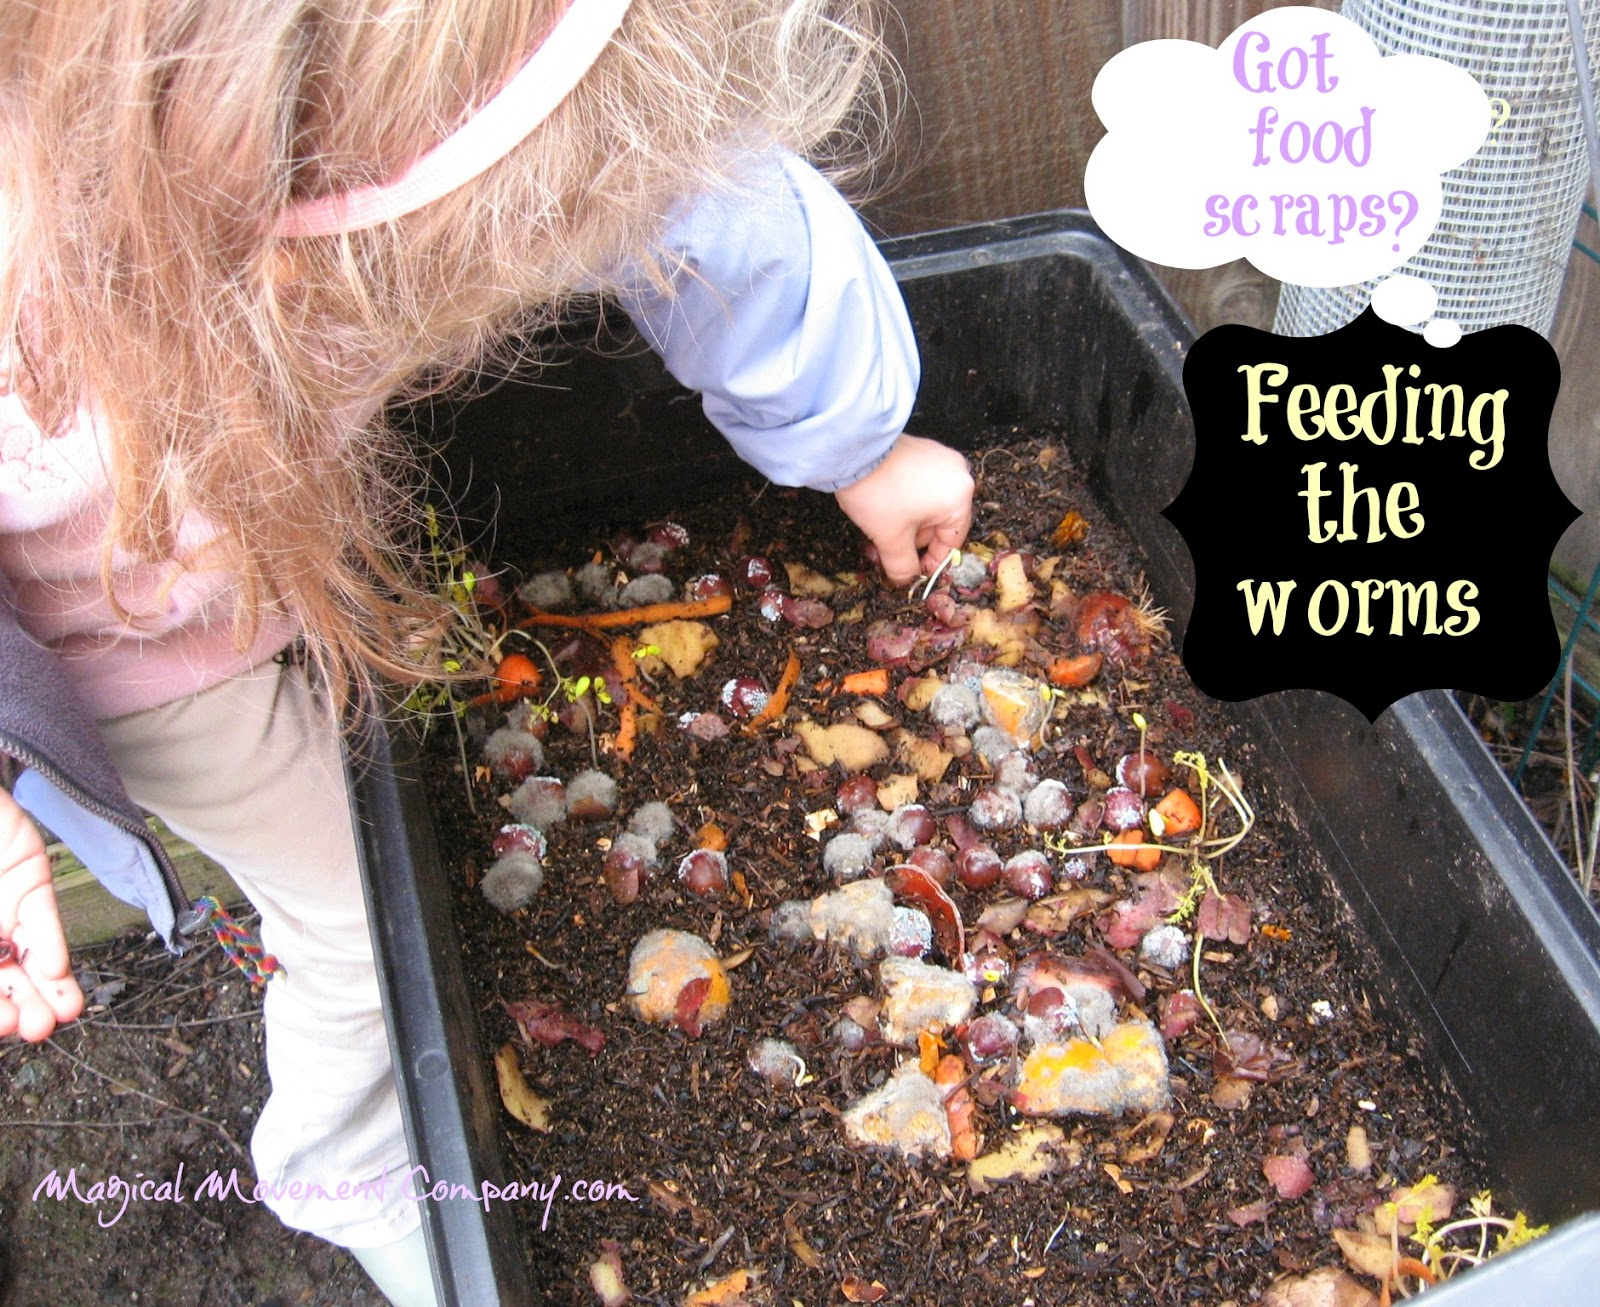 Outdoor Classroom Winter Fun With Garden Worms Magical